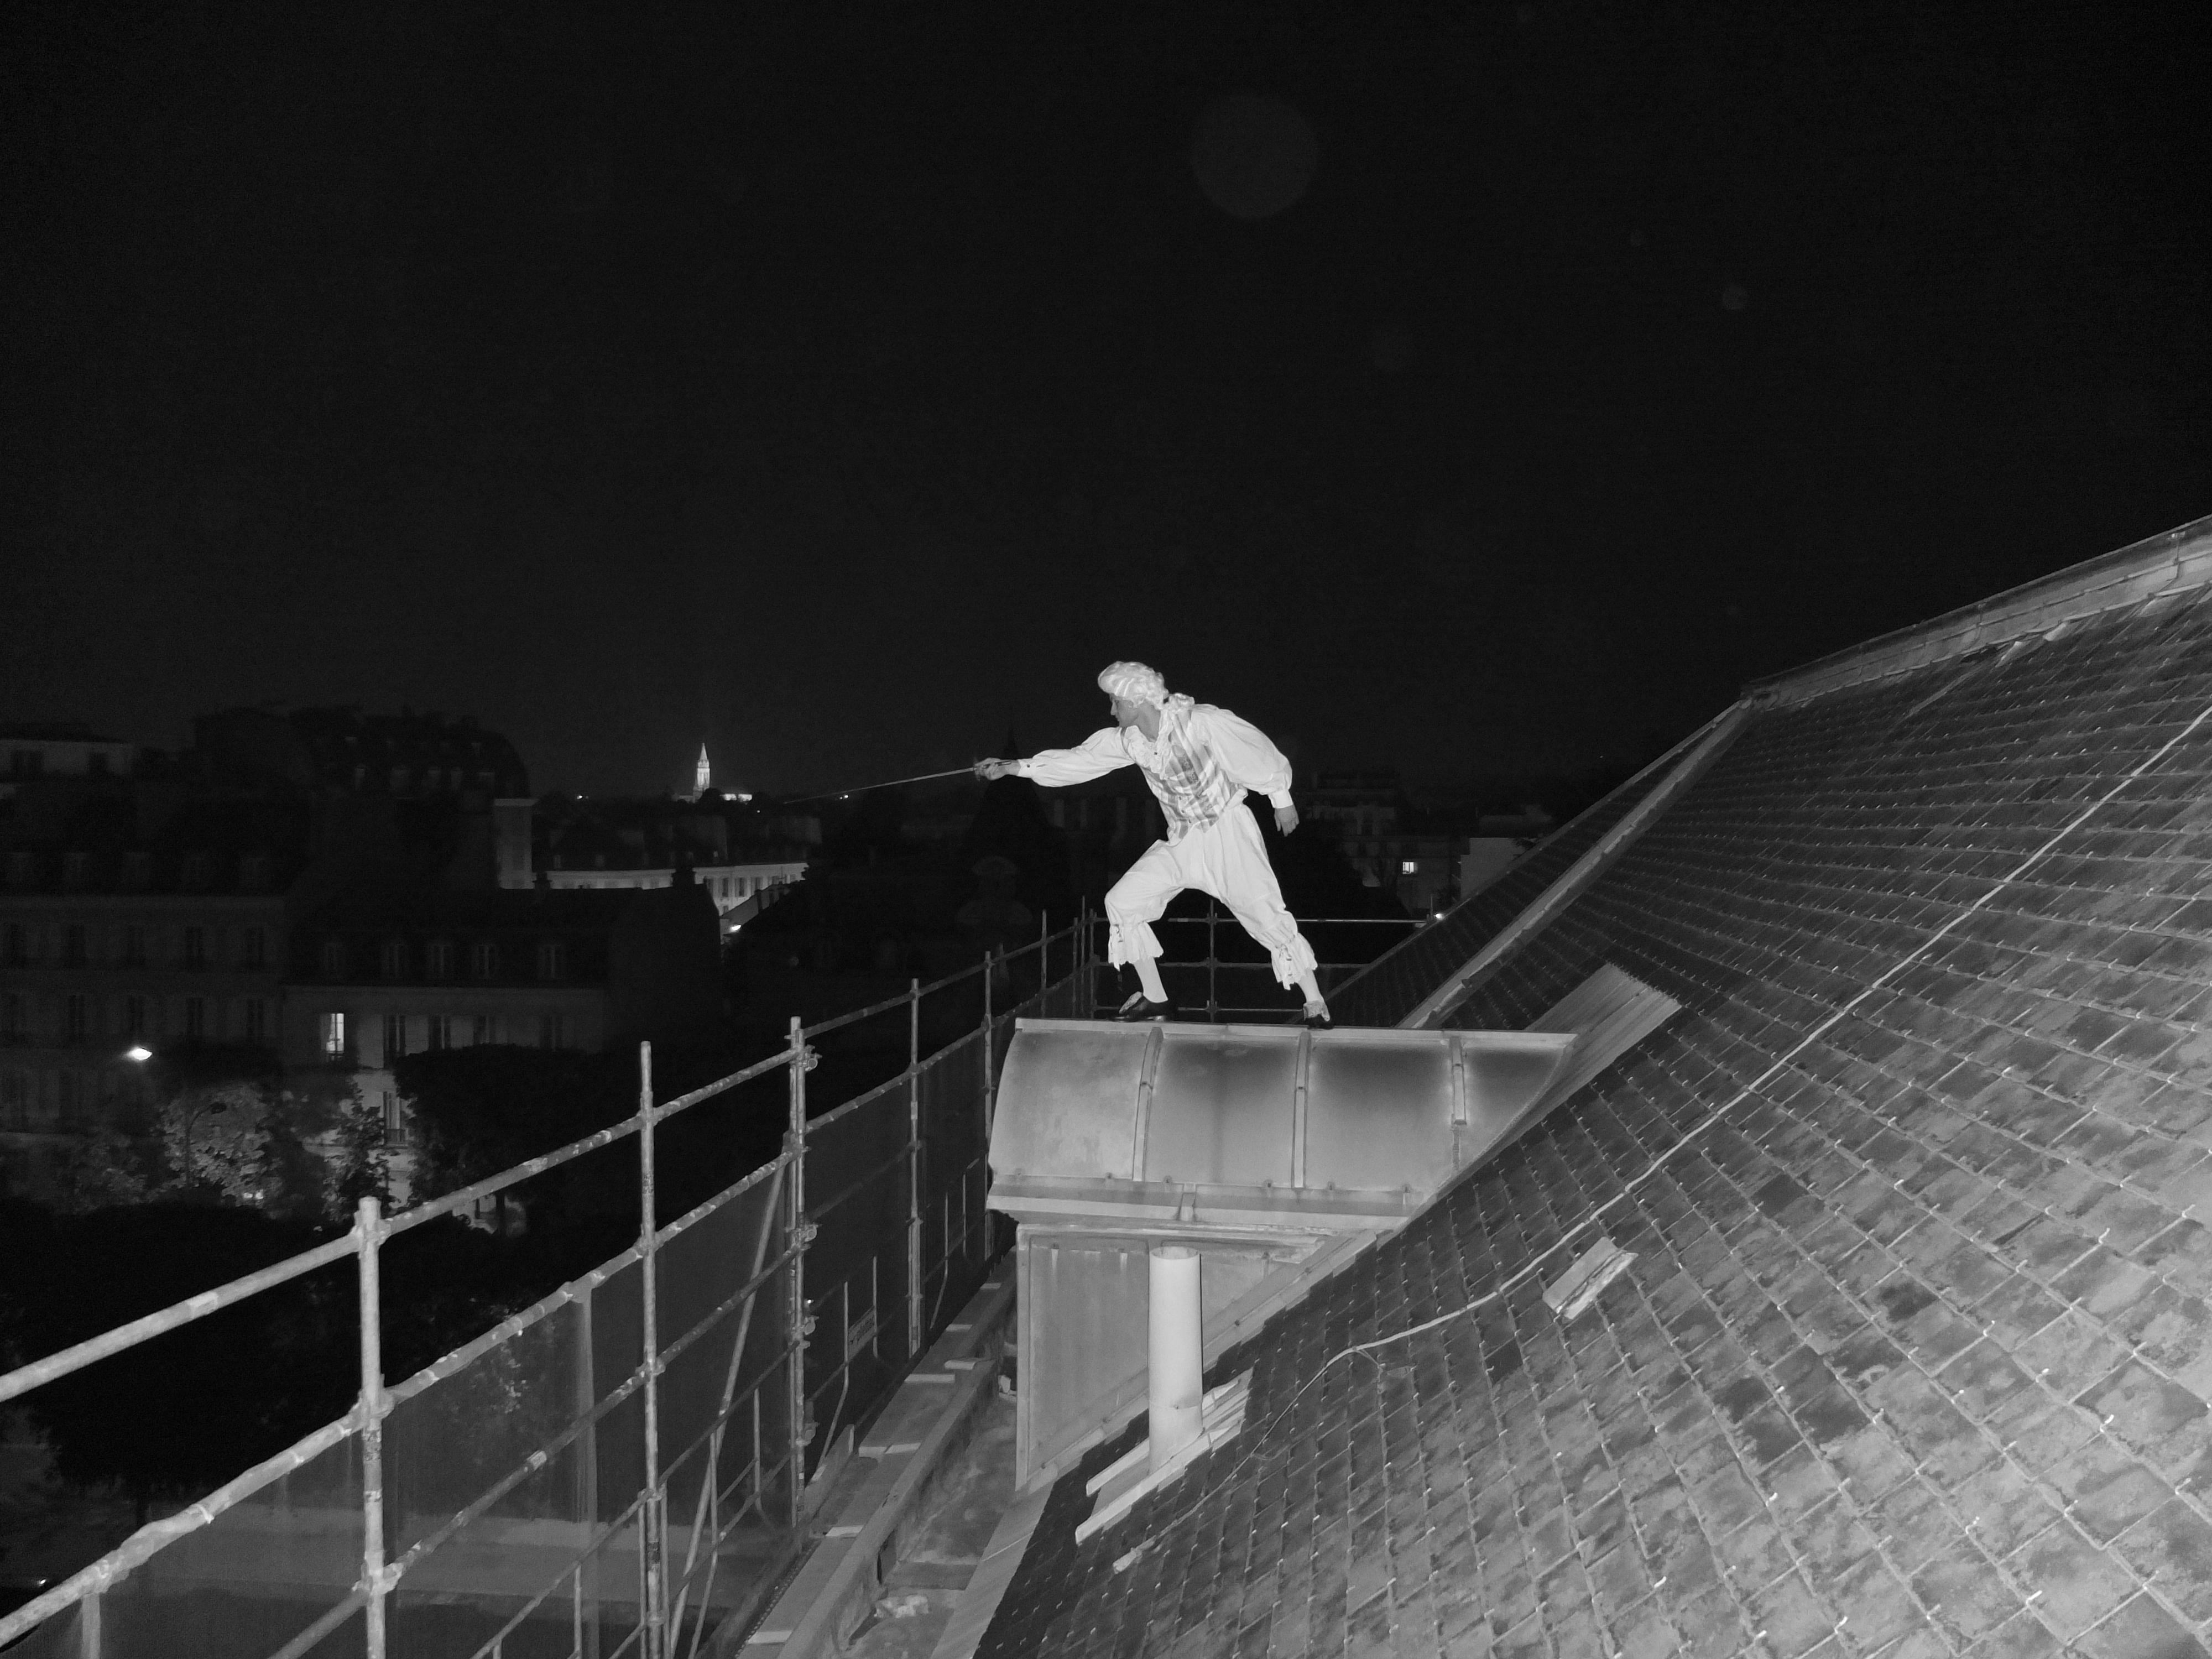 escrimeur sur un toit au clair de lune